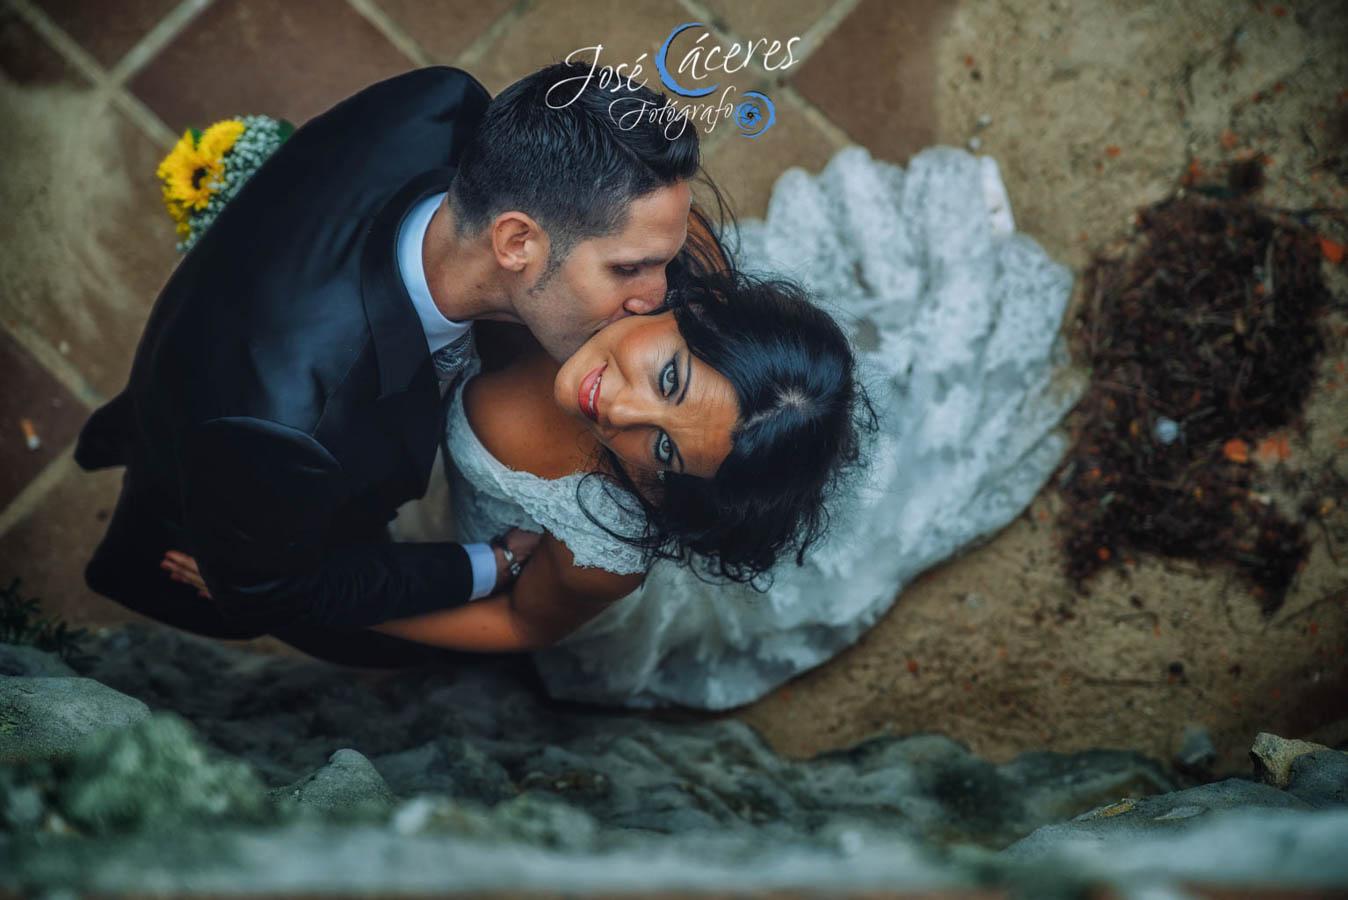 Sesion fotografica de jose caceres fotografia, post boda leticia y jose luis, playas-17